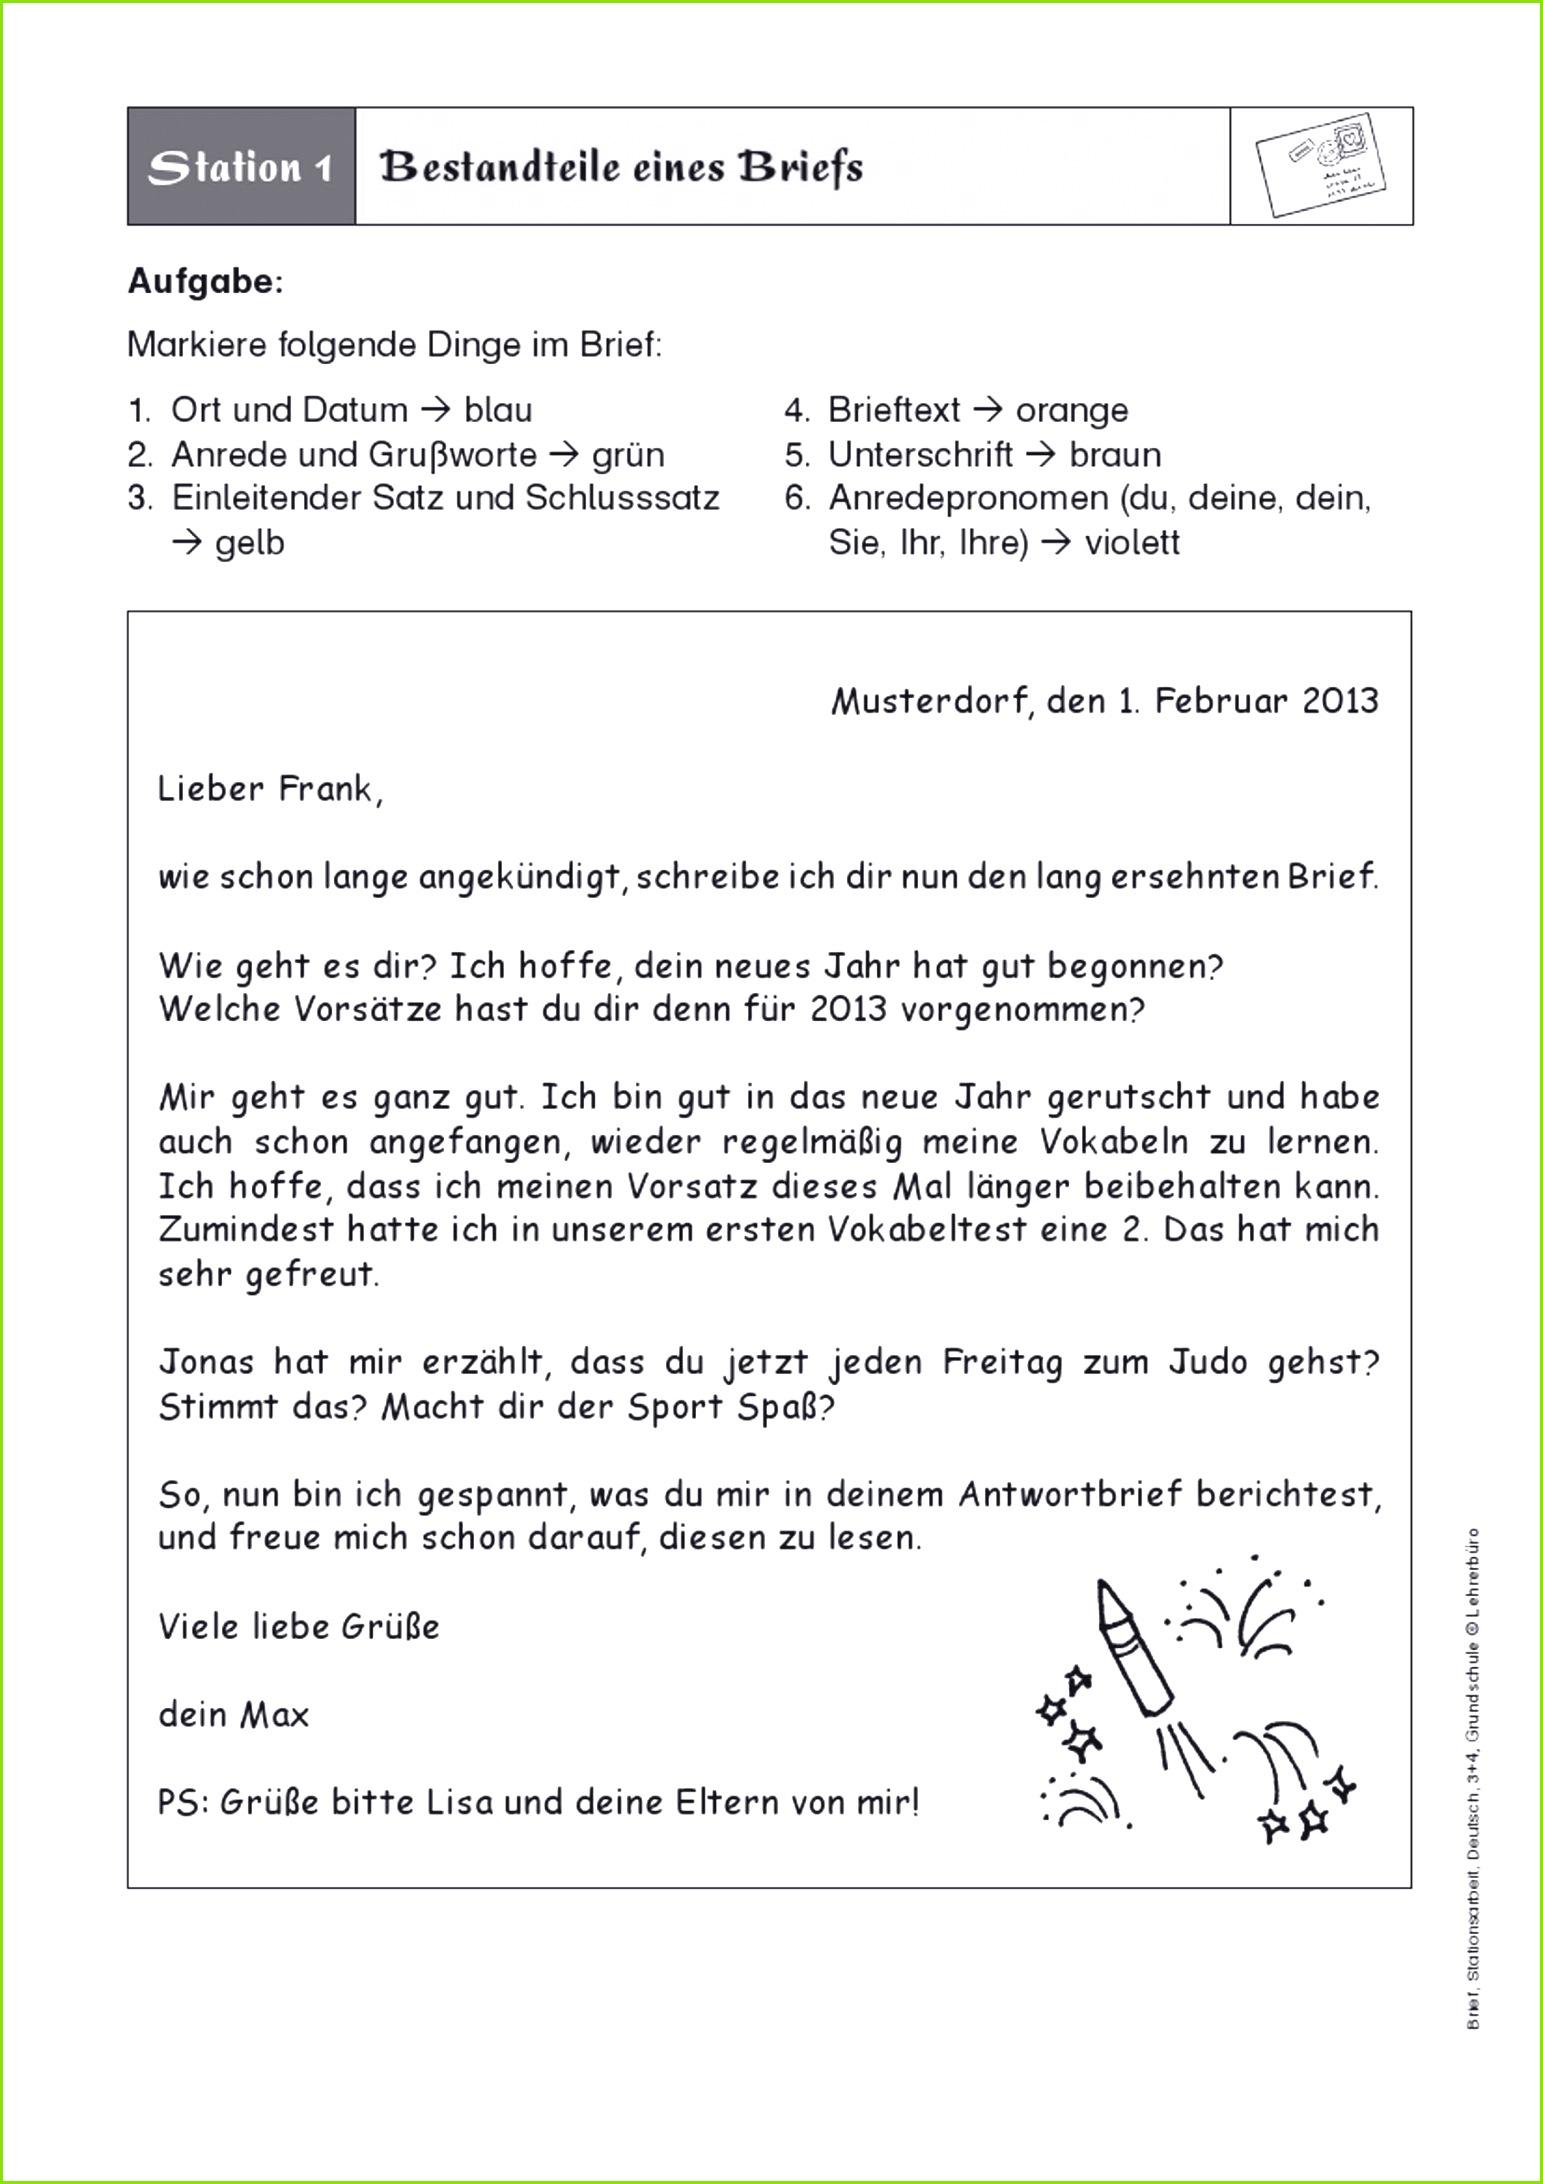 Bildergebnis für brief schreiben 3 klasse Brief Schreiben Deutsch Muster – Vodafone Beschwerde Vorlage